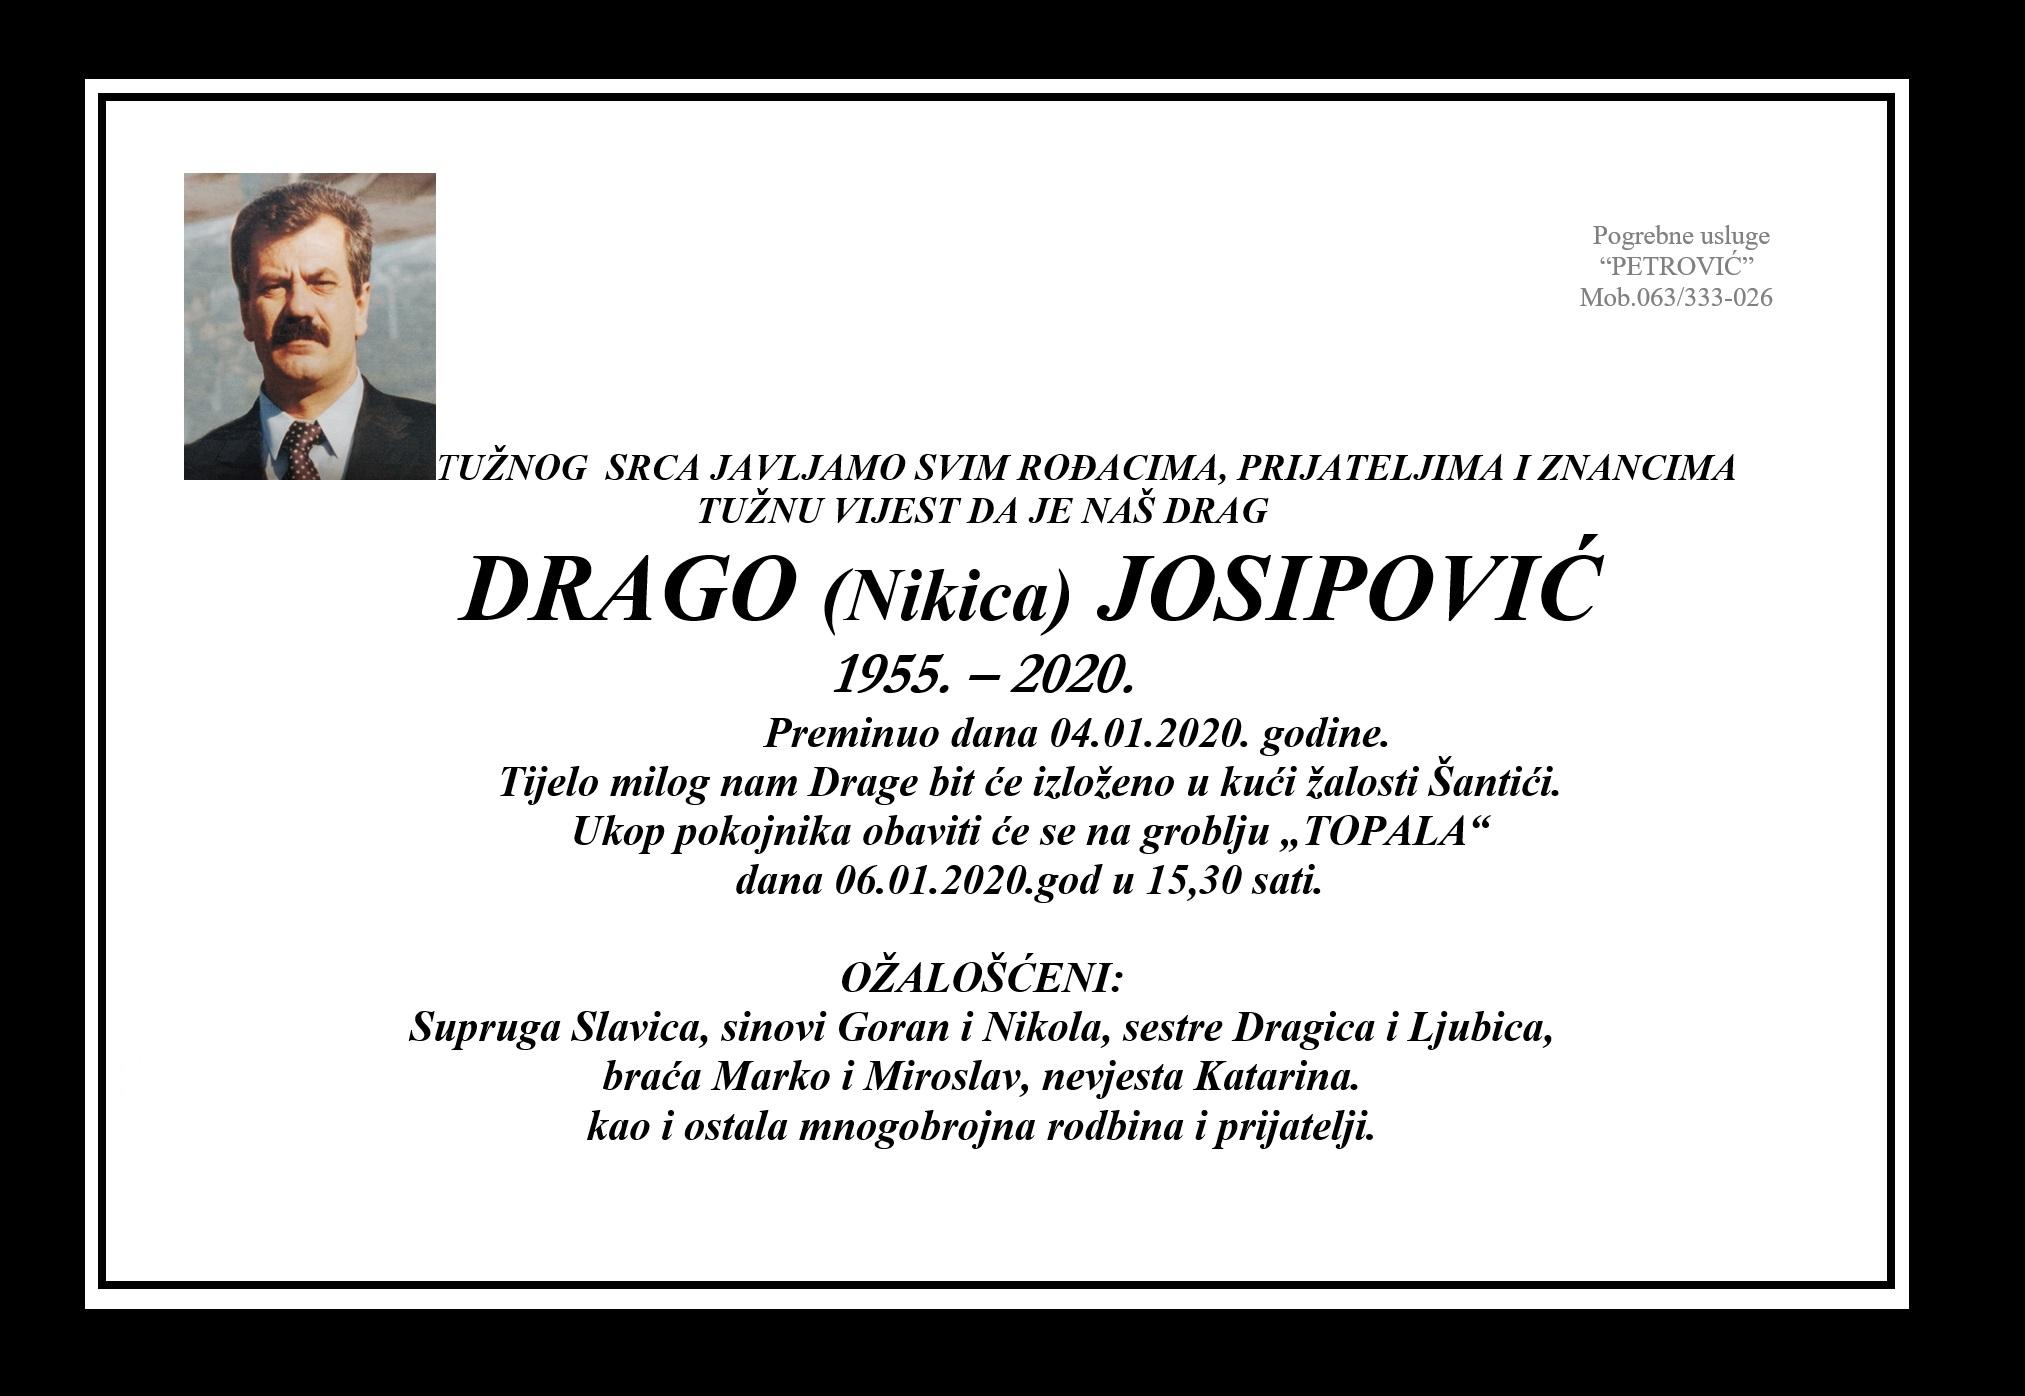 Drago (Nikica) Josipović